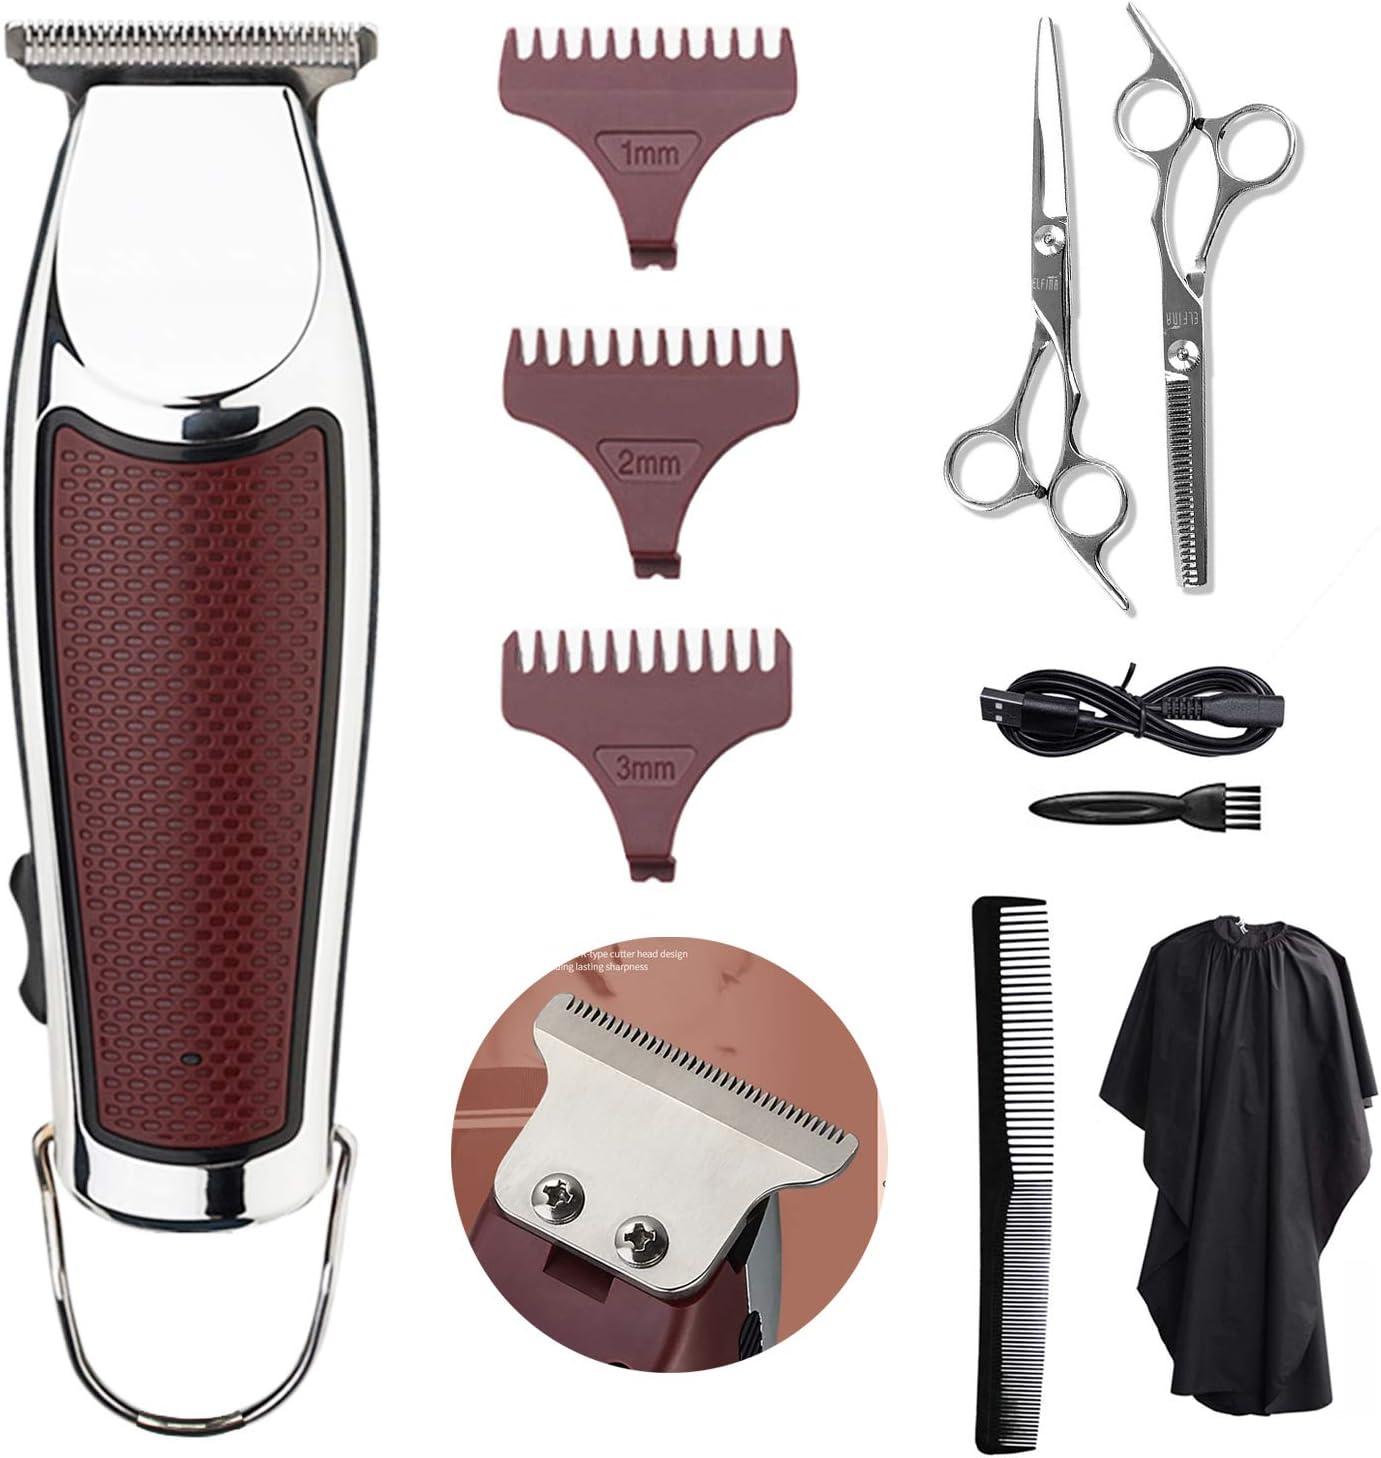 Cortapelos Profesional Hombre Cortapelo Máquina Eléctrica de Cortar Pelo Profesional, Recortador de barba para Hombres con Batería Recargable, 3 Peines